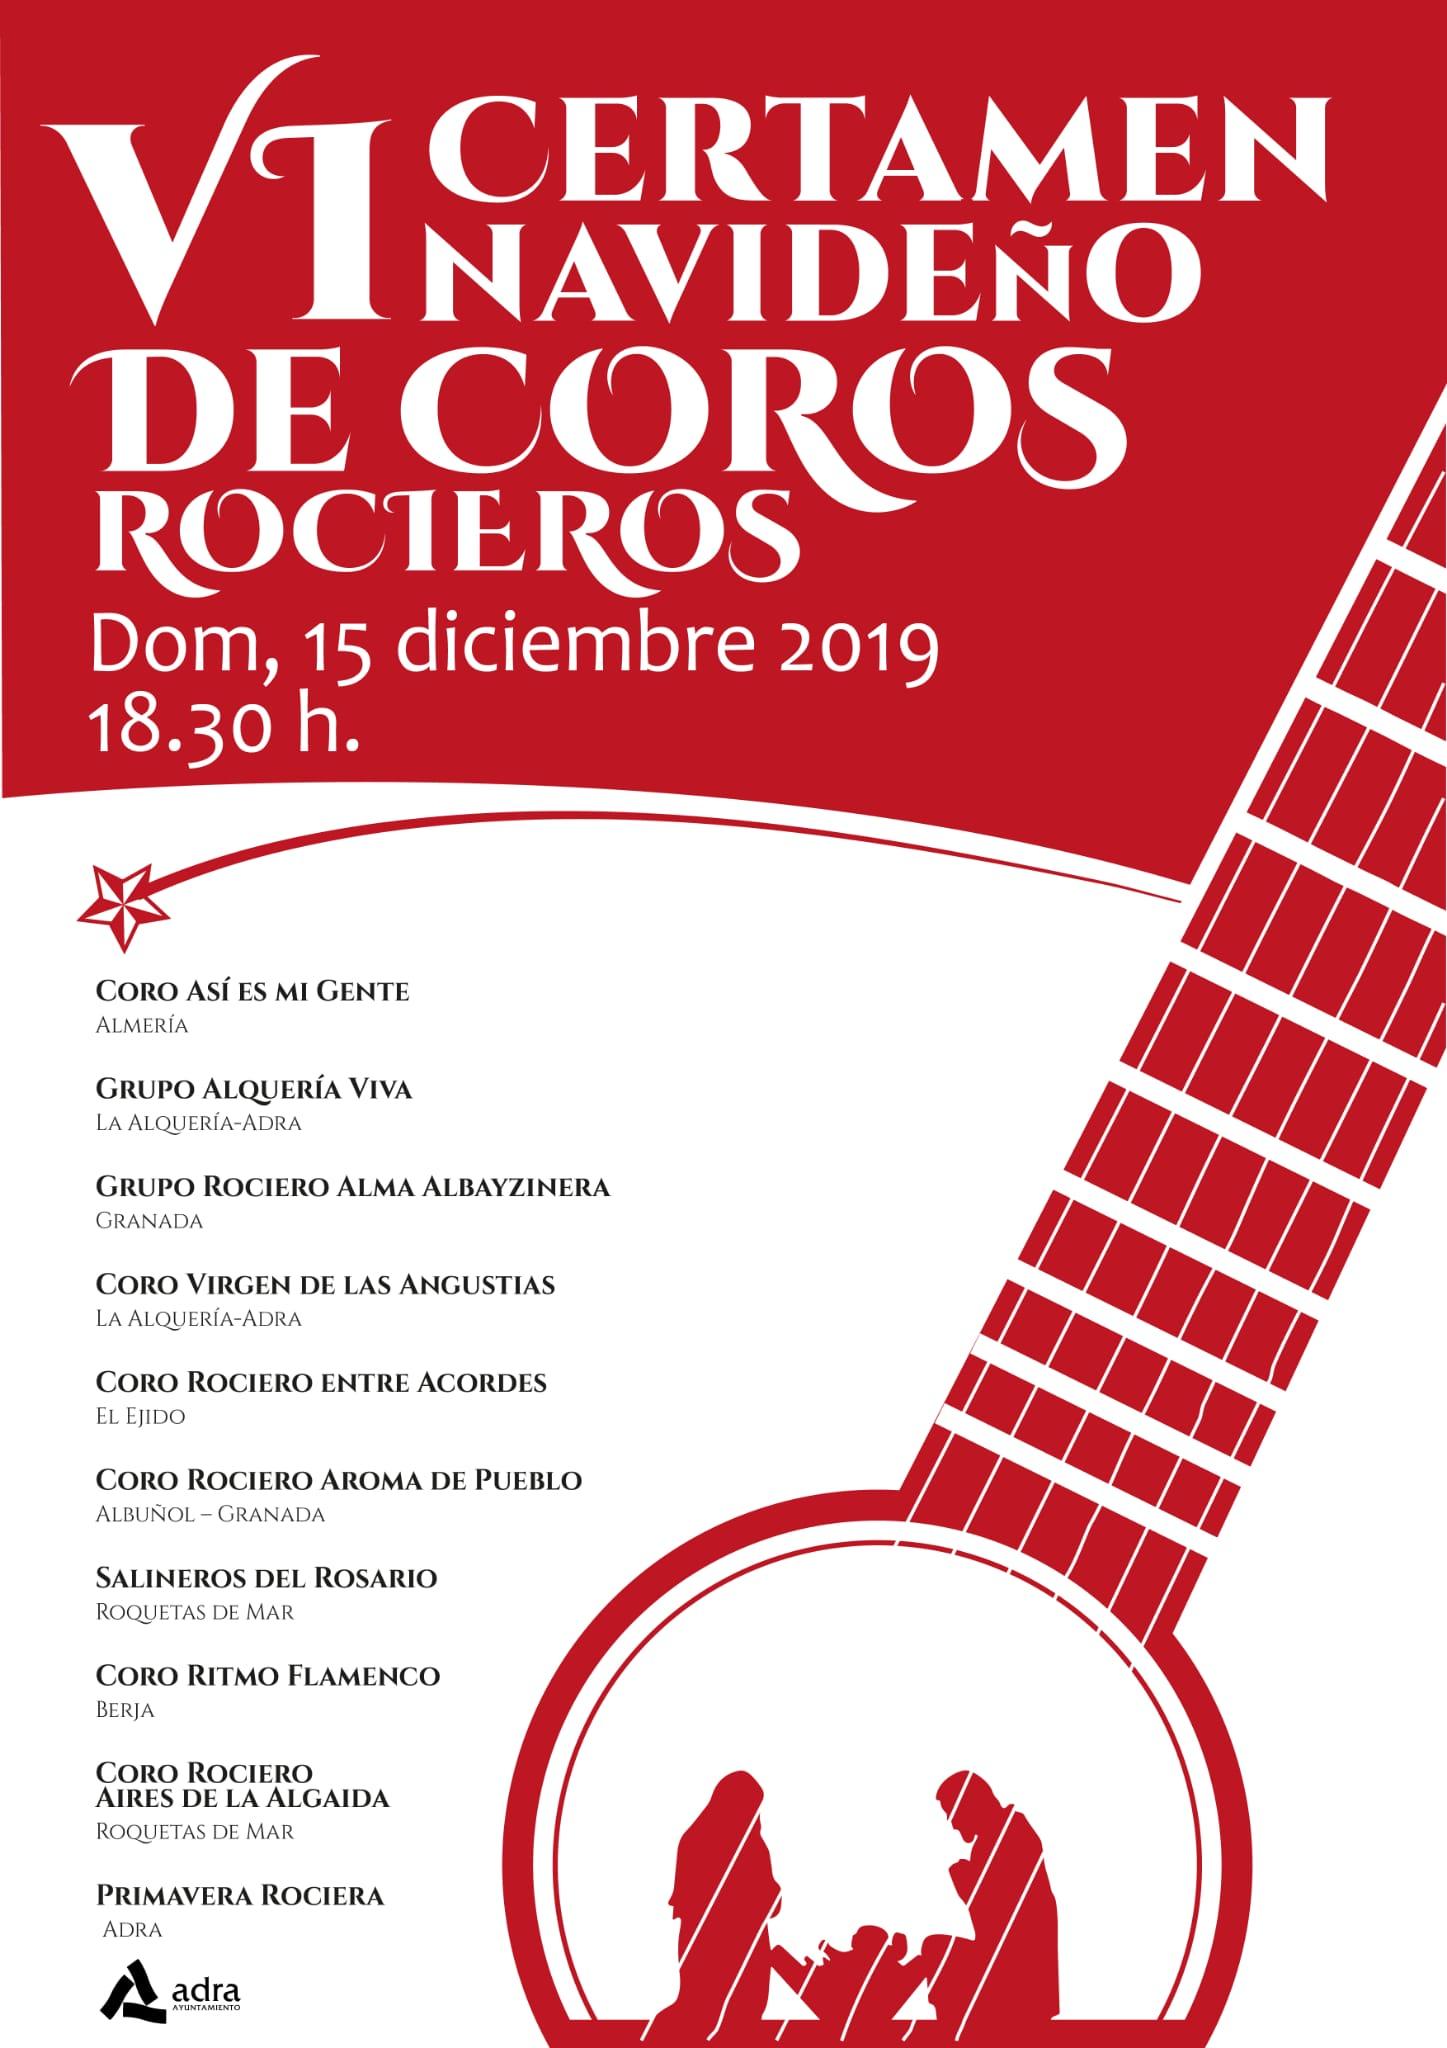 Photo of La ciudad de Adra acoge el 15 de diciembre el VI Certamen Navideño de Coros Rocieros